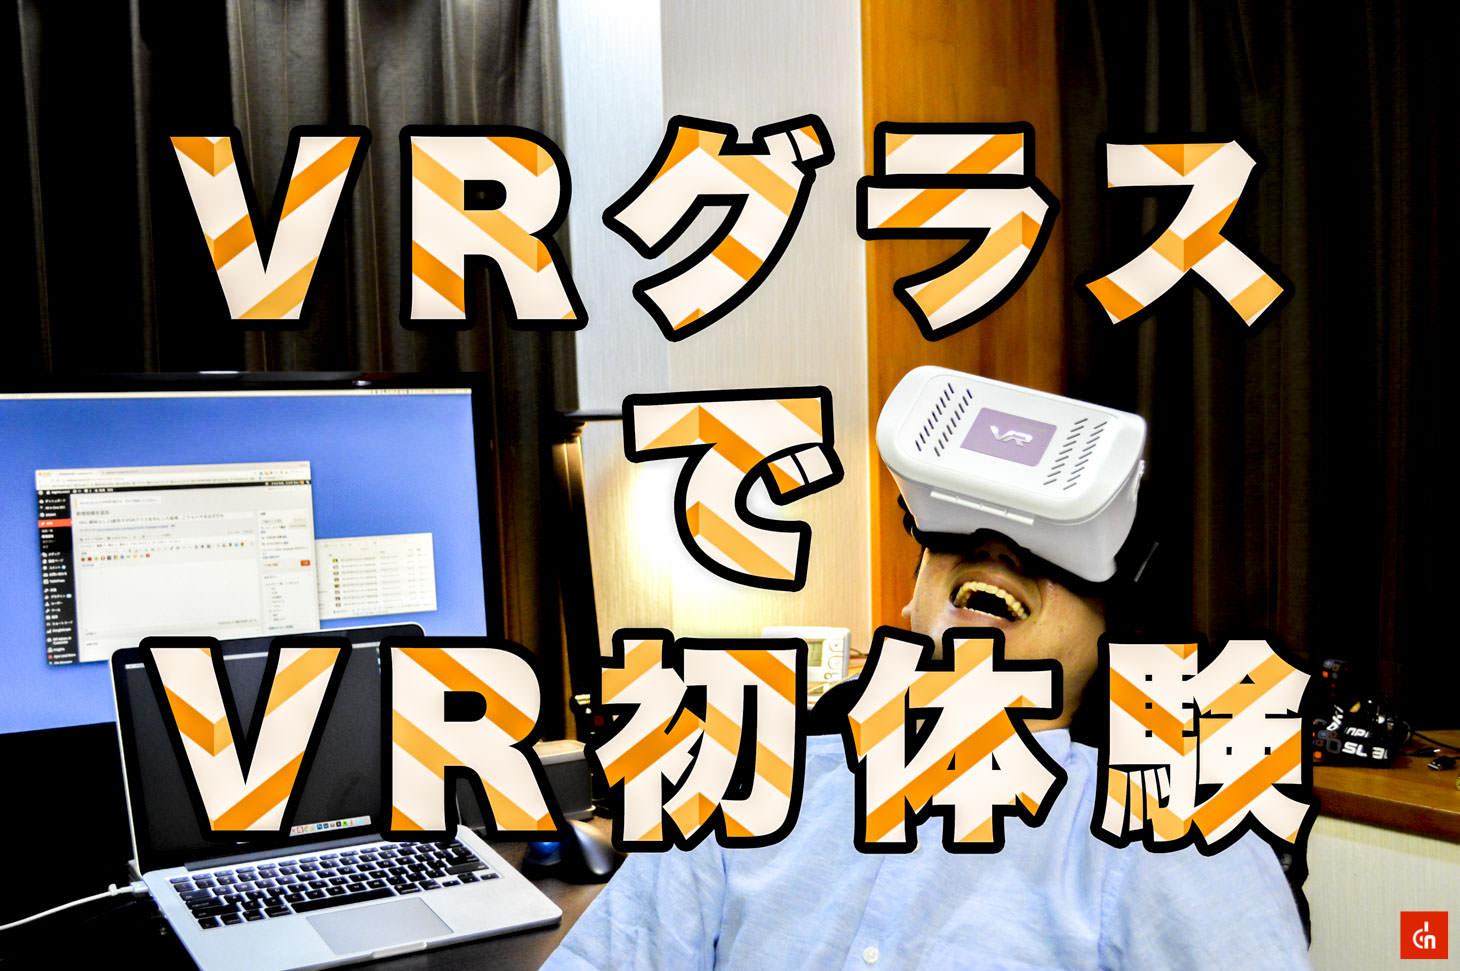 027_20160714_arealer-vr-glasses